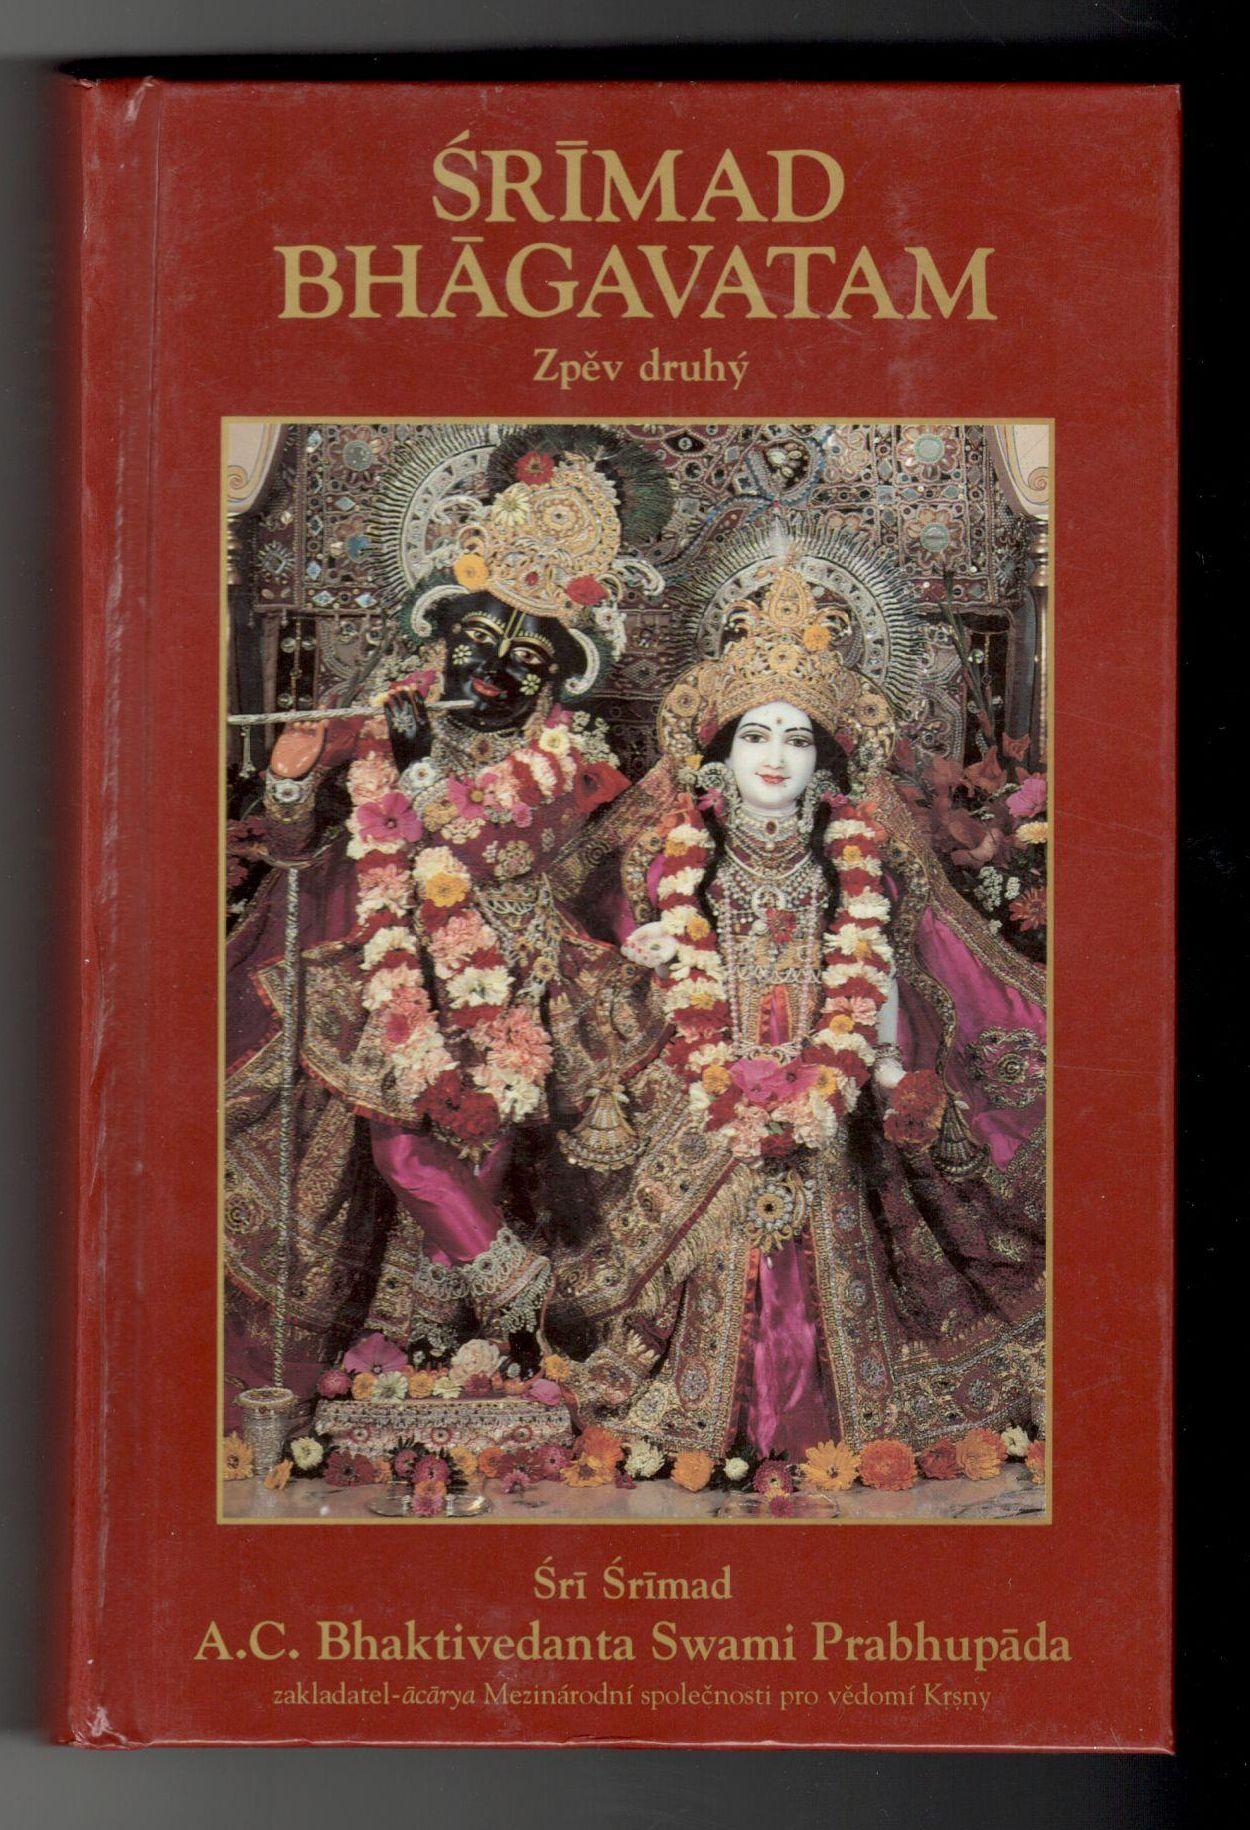 Šrímad Bhágavatam - Šrí Šrímad A. C. Bhaktivedanta Swami Prabhupáda - Zpěv druhý